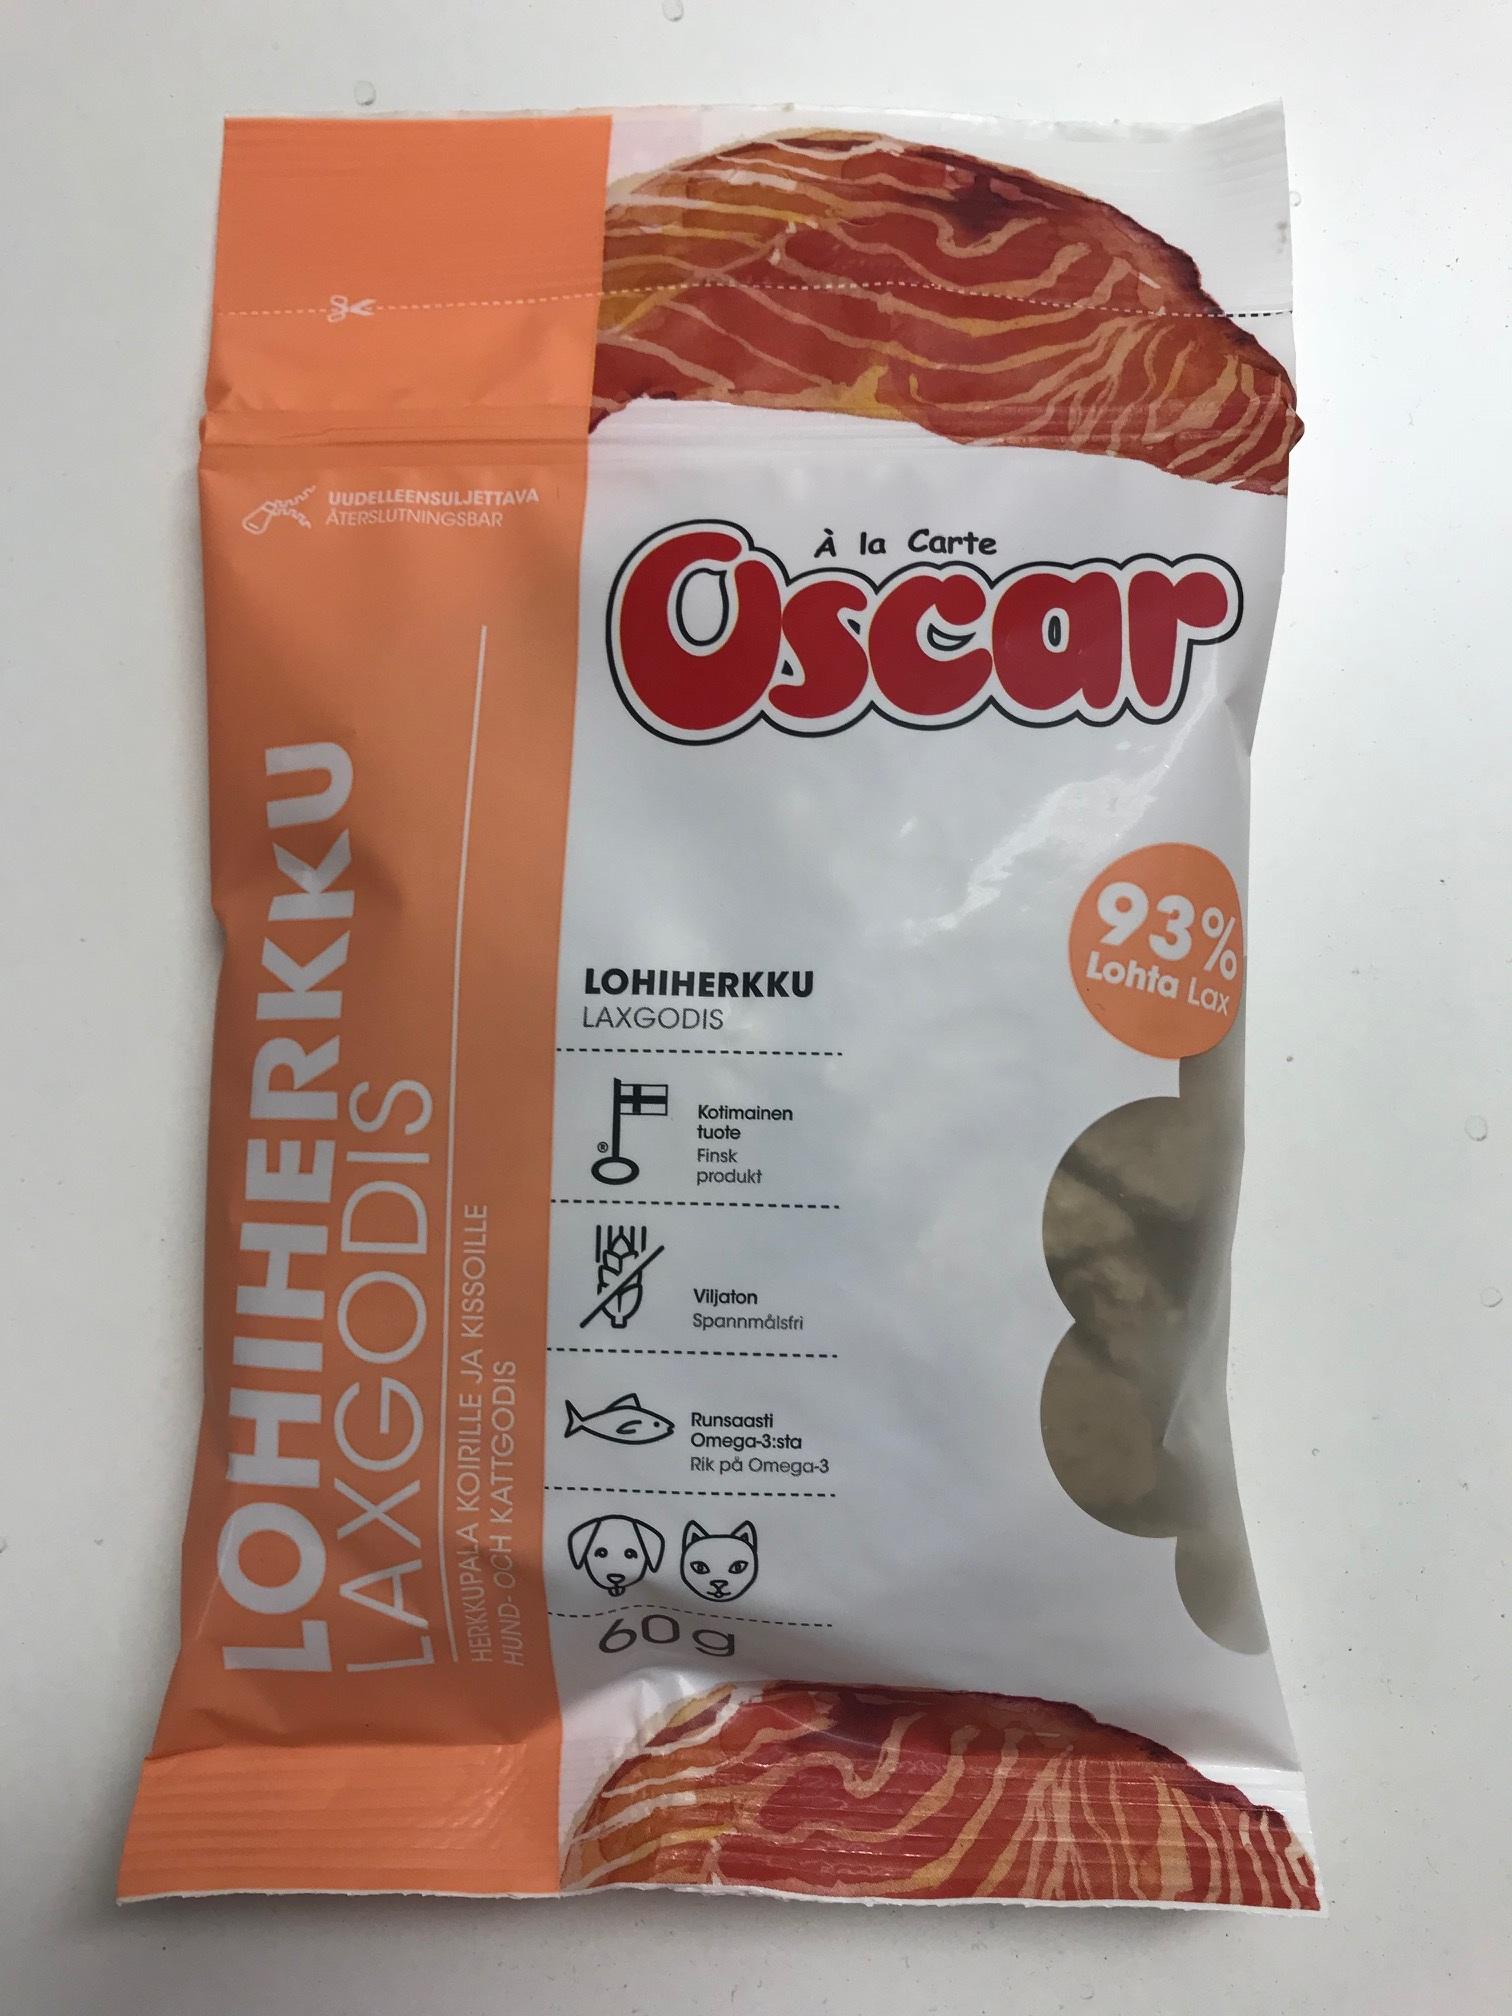 Oscar lax